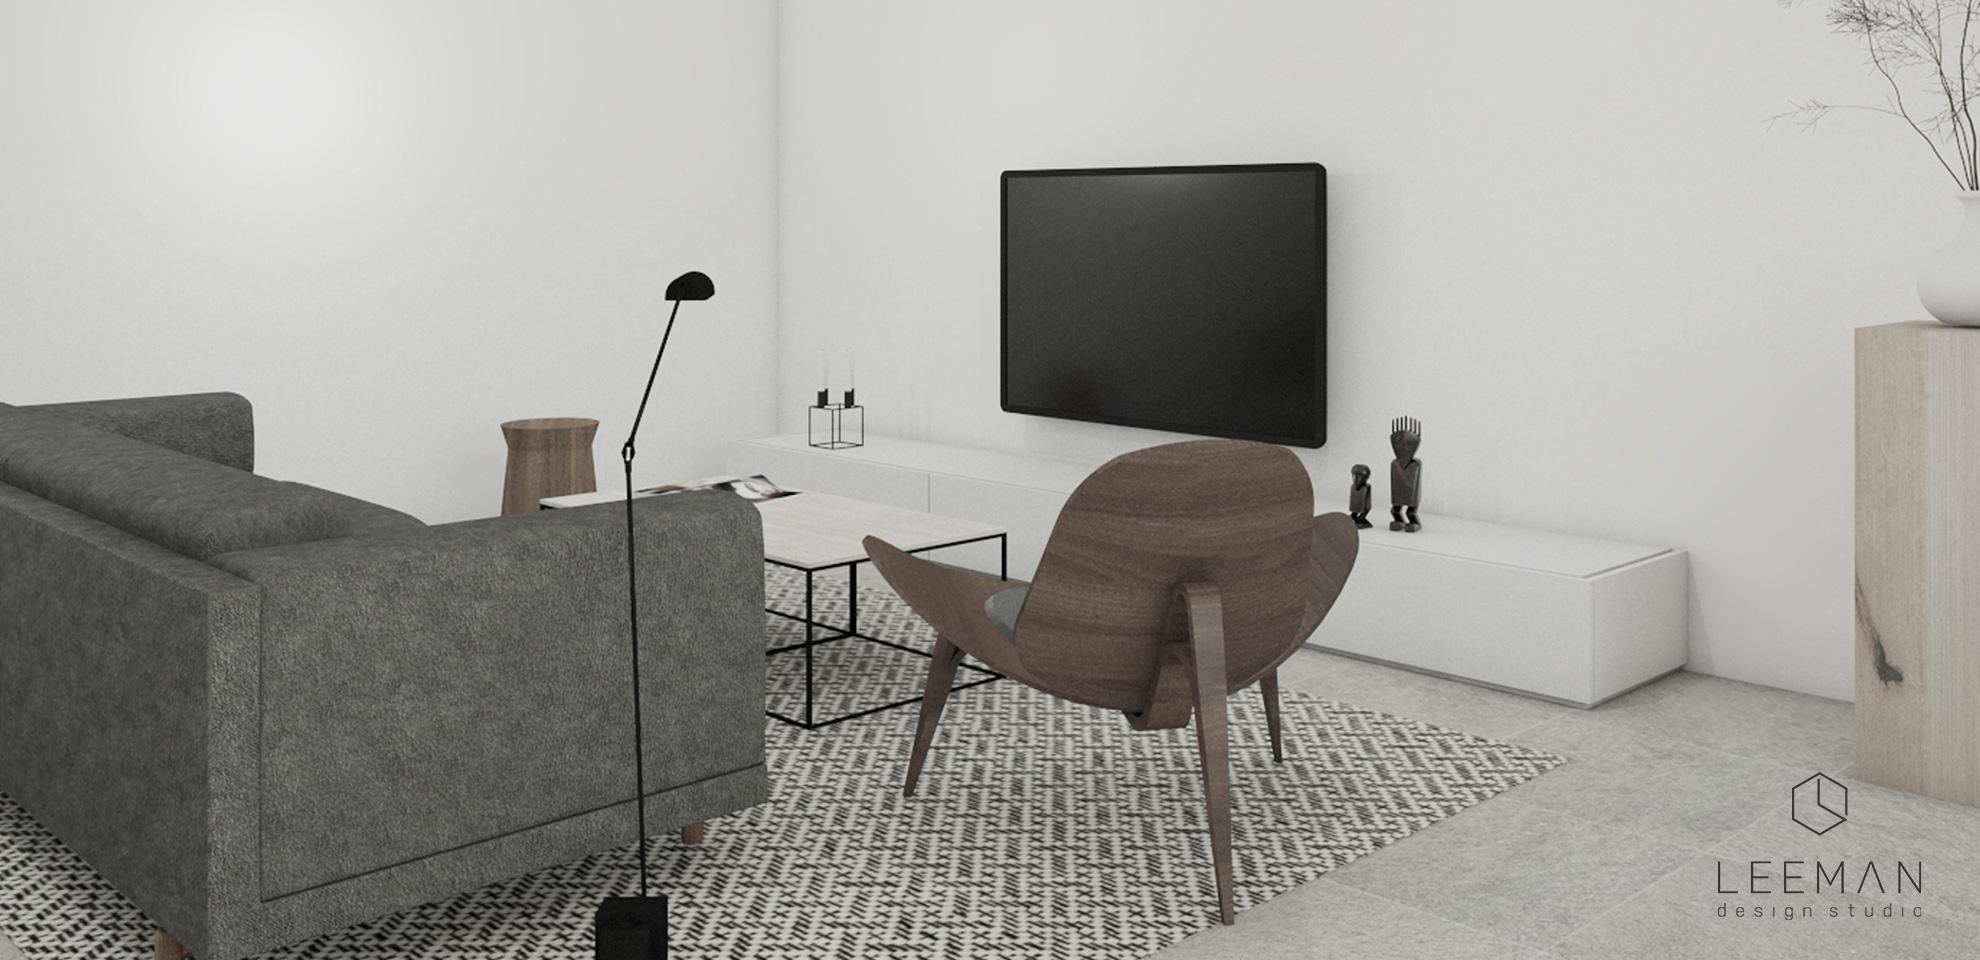 interieur ontwerp van de woonkamer met maatwerk meubelen